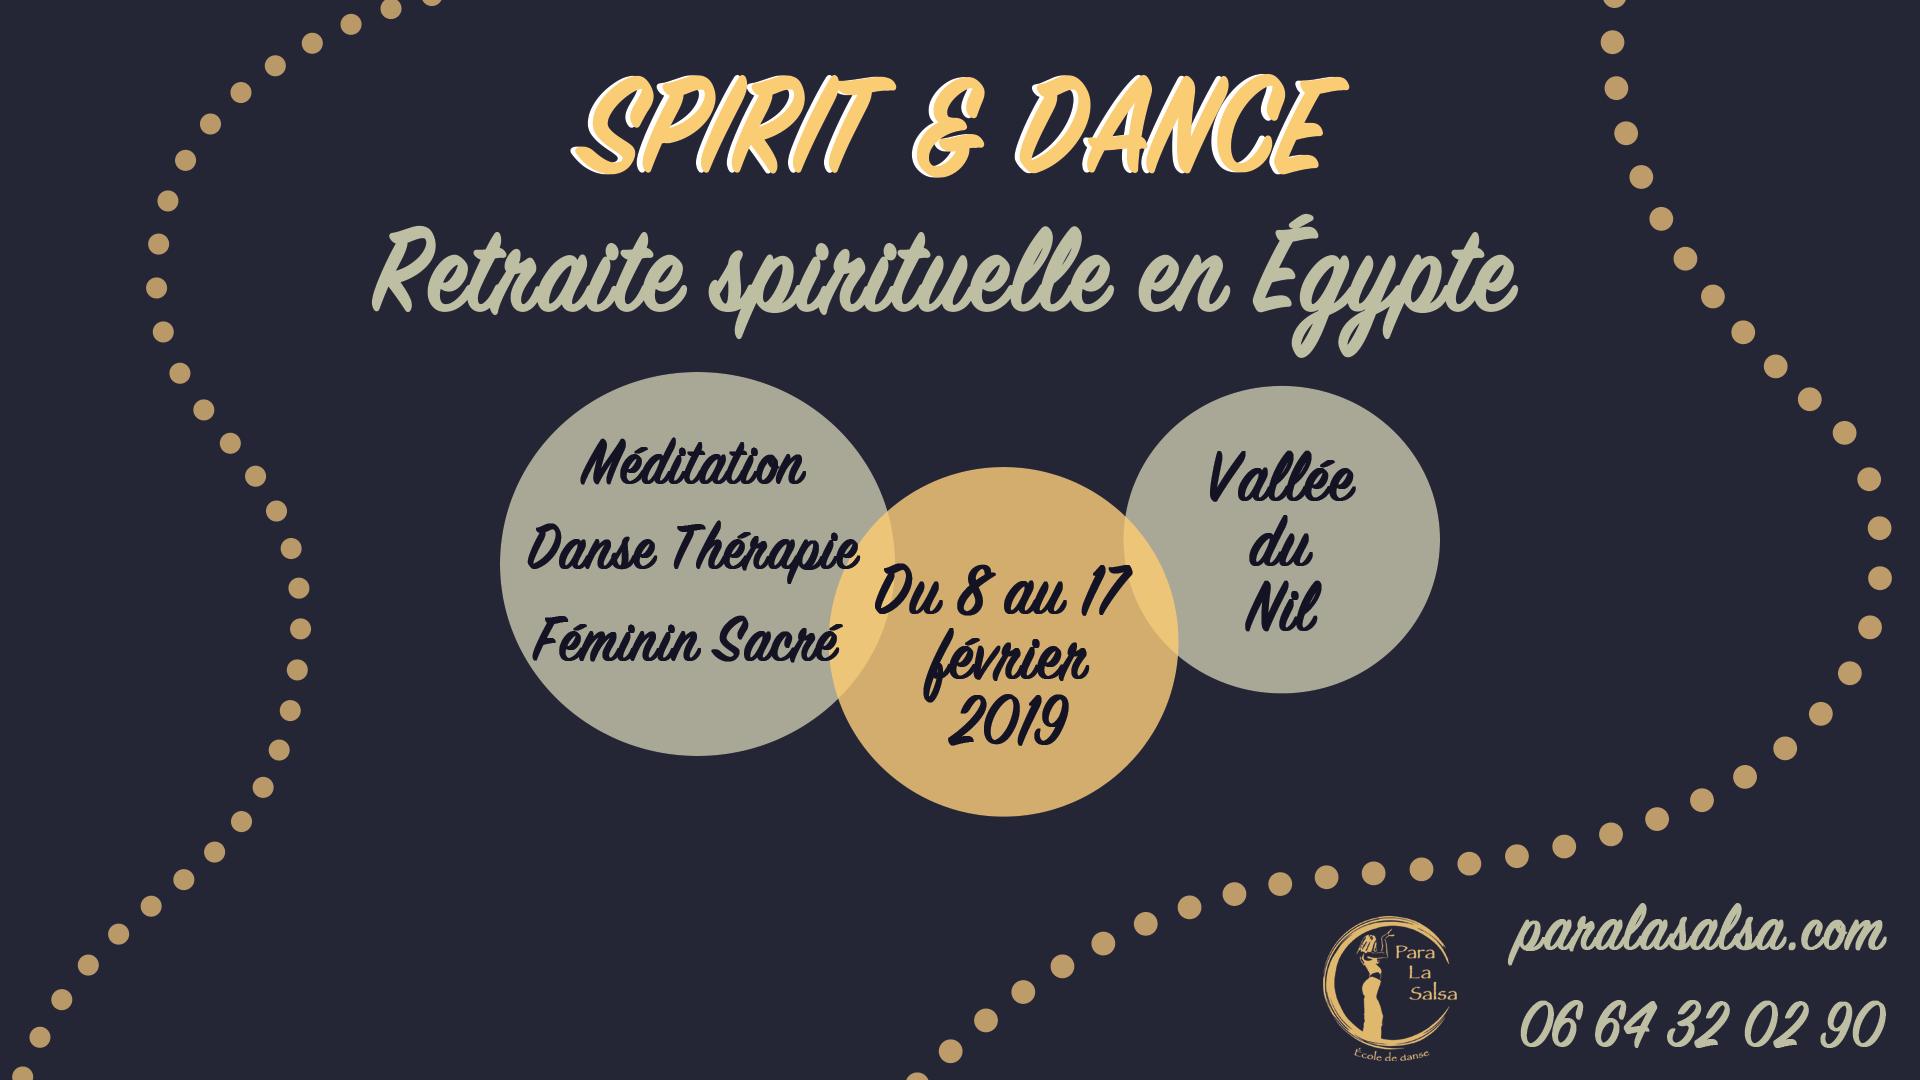 Retraite spirituelle en Égypte